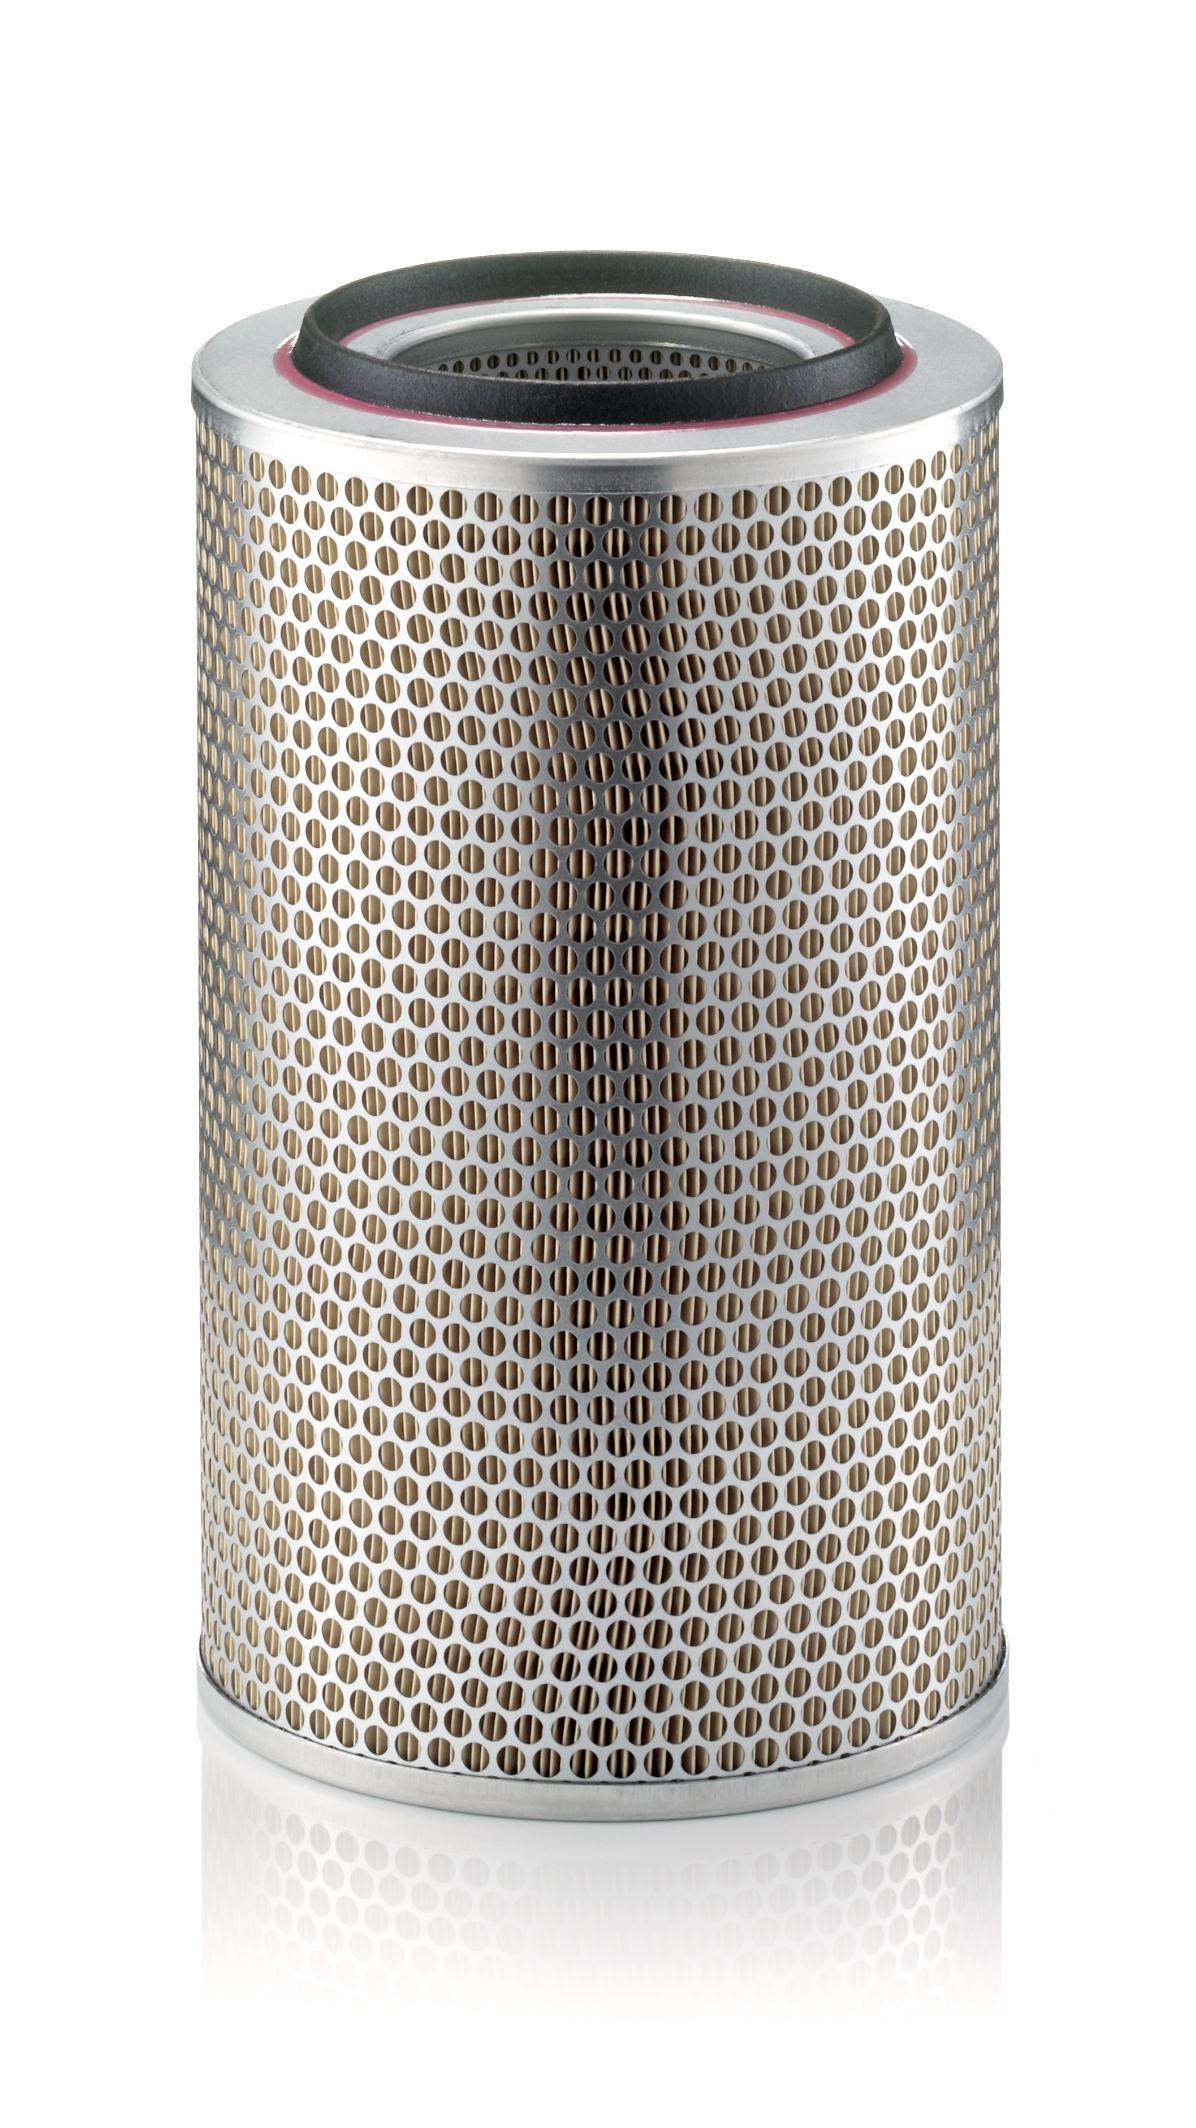 MANN-FILTER Luftfilter til IVECO - vare number: C 23 440/1